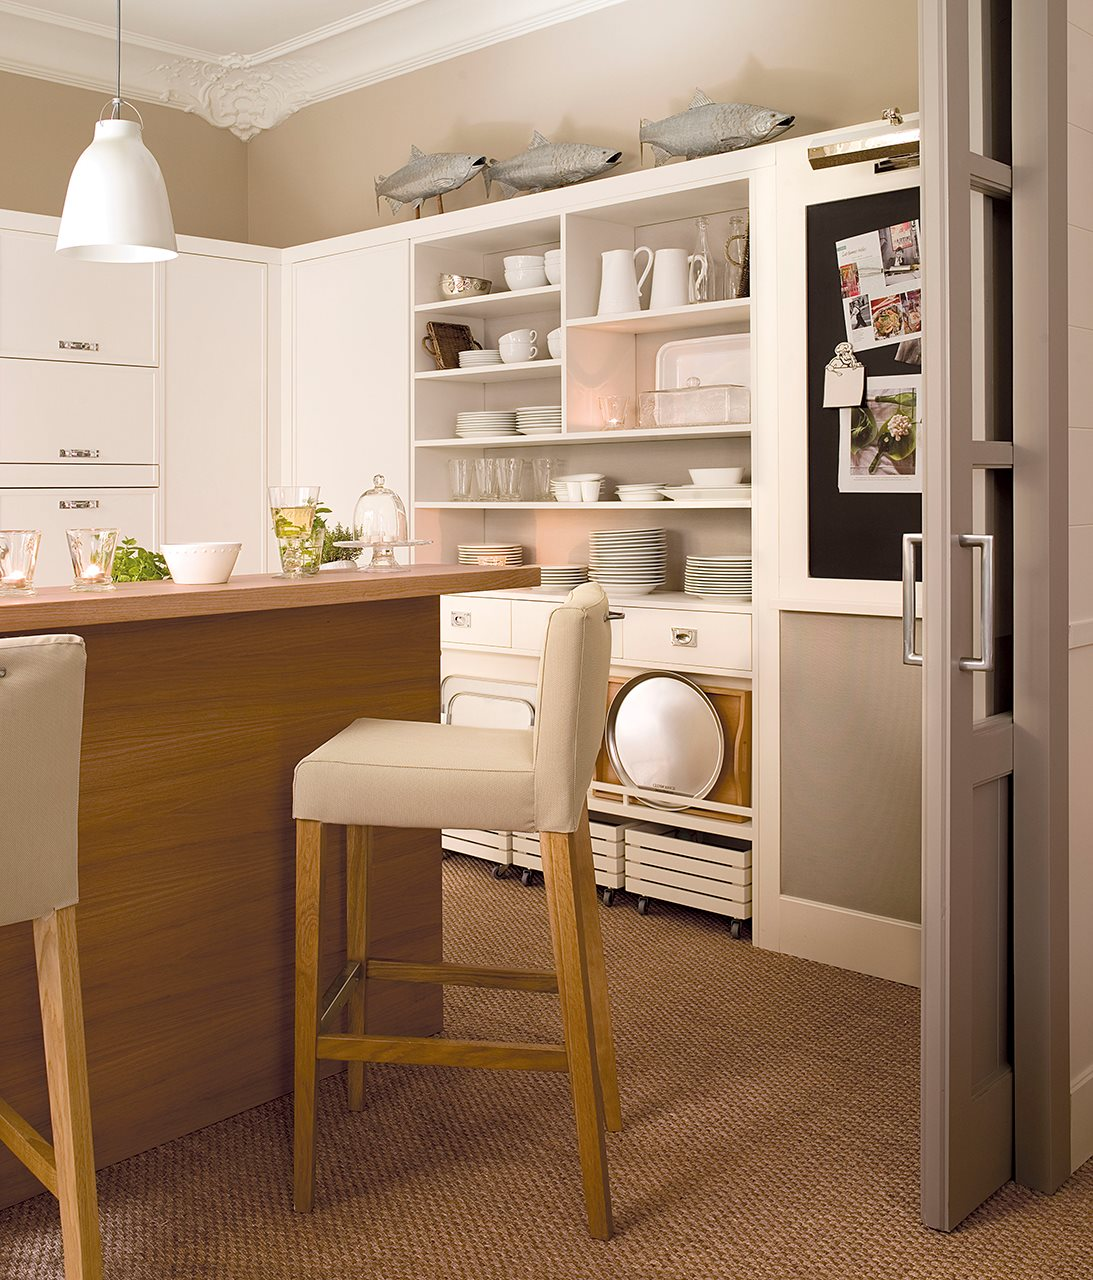 C mo aprovechar el espacio en cocinas peque as for Mueble pared cocina